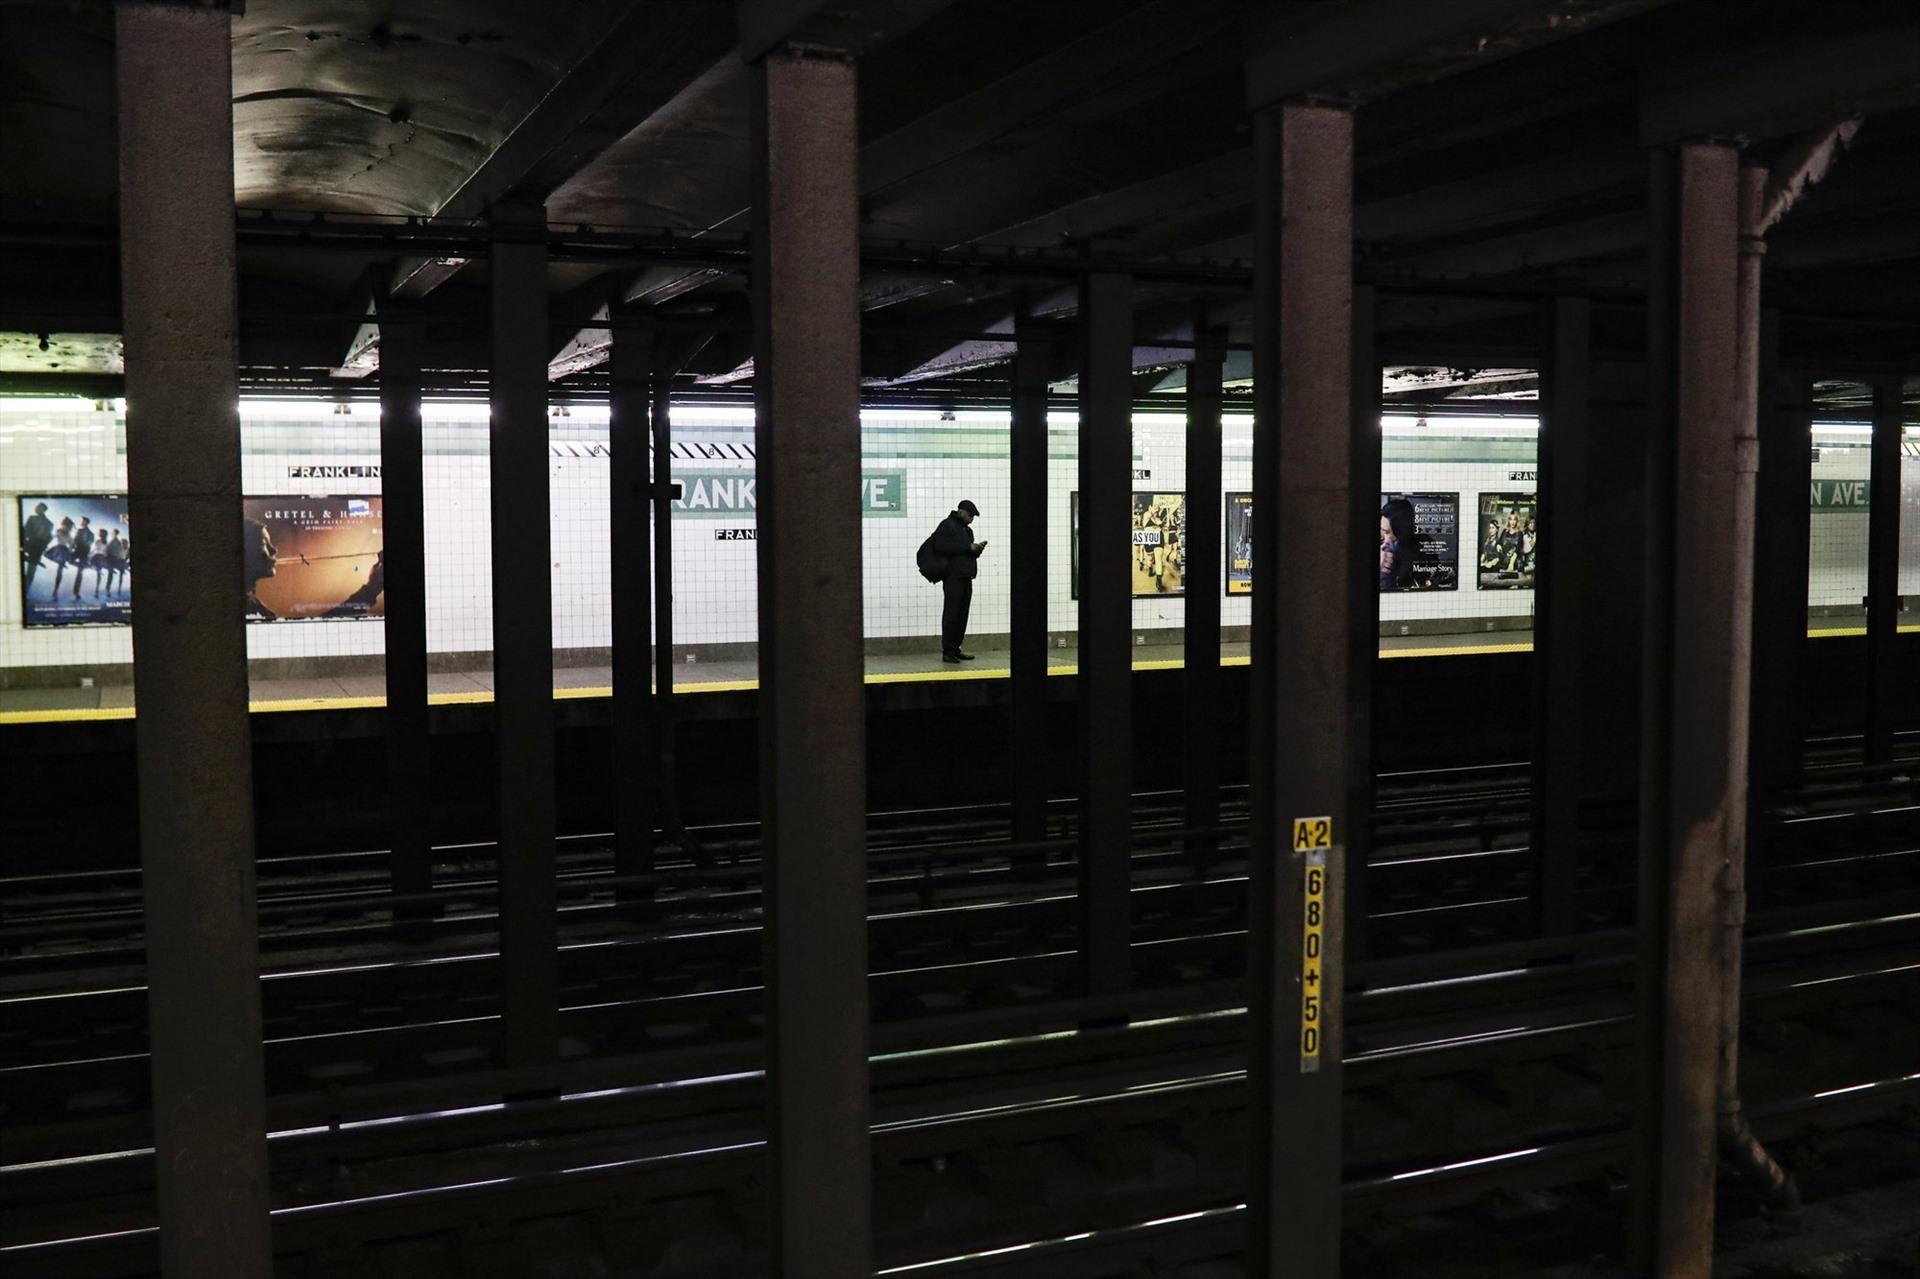 Một hành khách đơn độc giữa ga tàu New York (Mỹ) vào đầu giờ sáng cuối tuần, thời điểm vốn chật cứng hành khách.